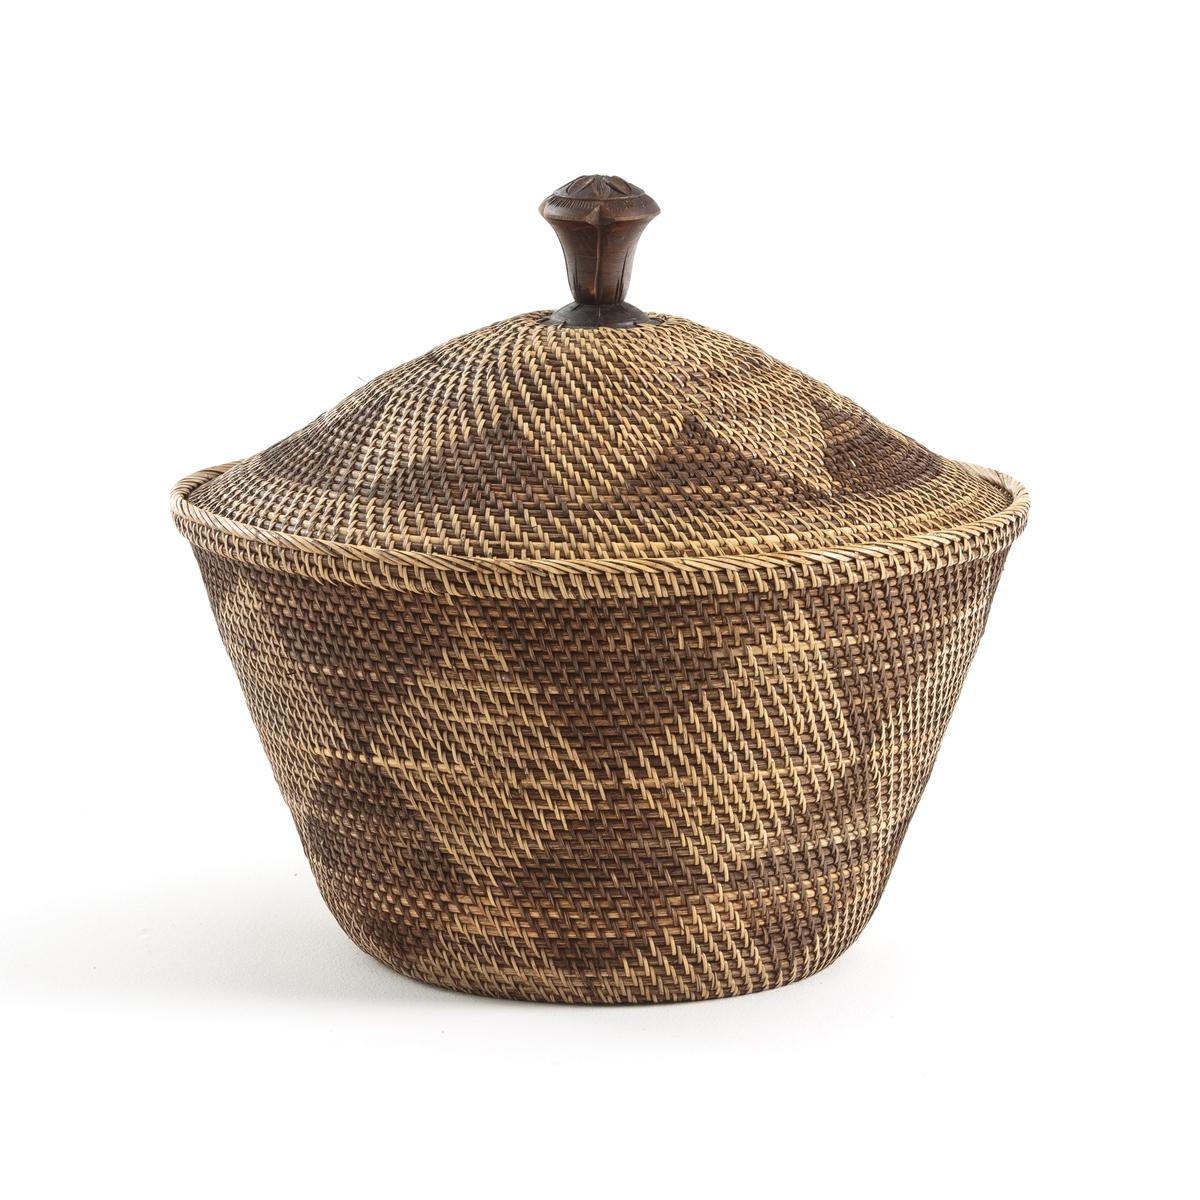 Корзина LaRedoute 45 x В43 см из ротанга и плетеного бамбука Brazil единый размер бежевый